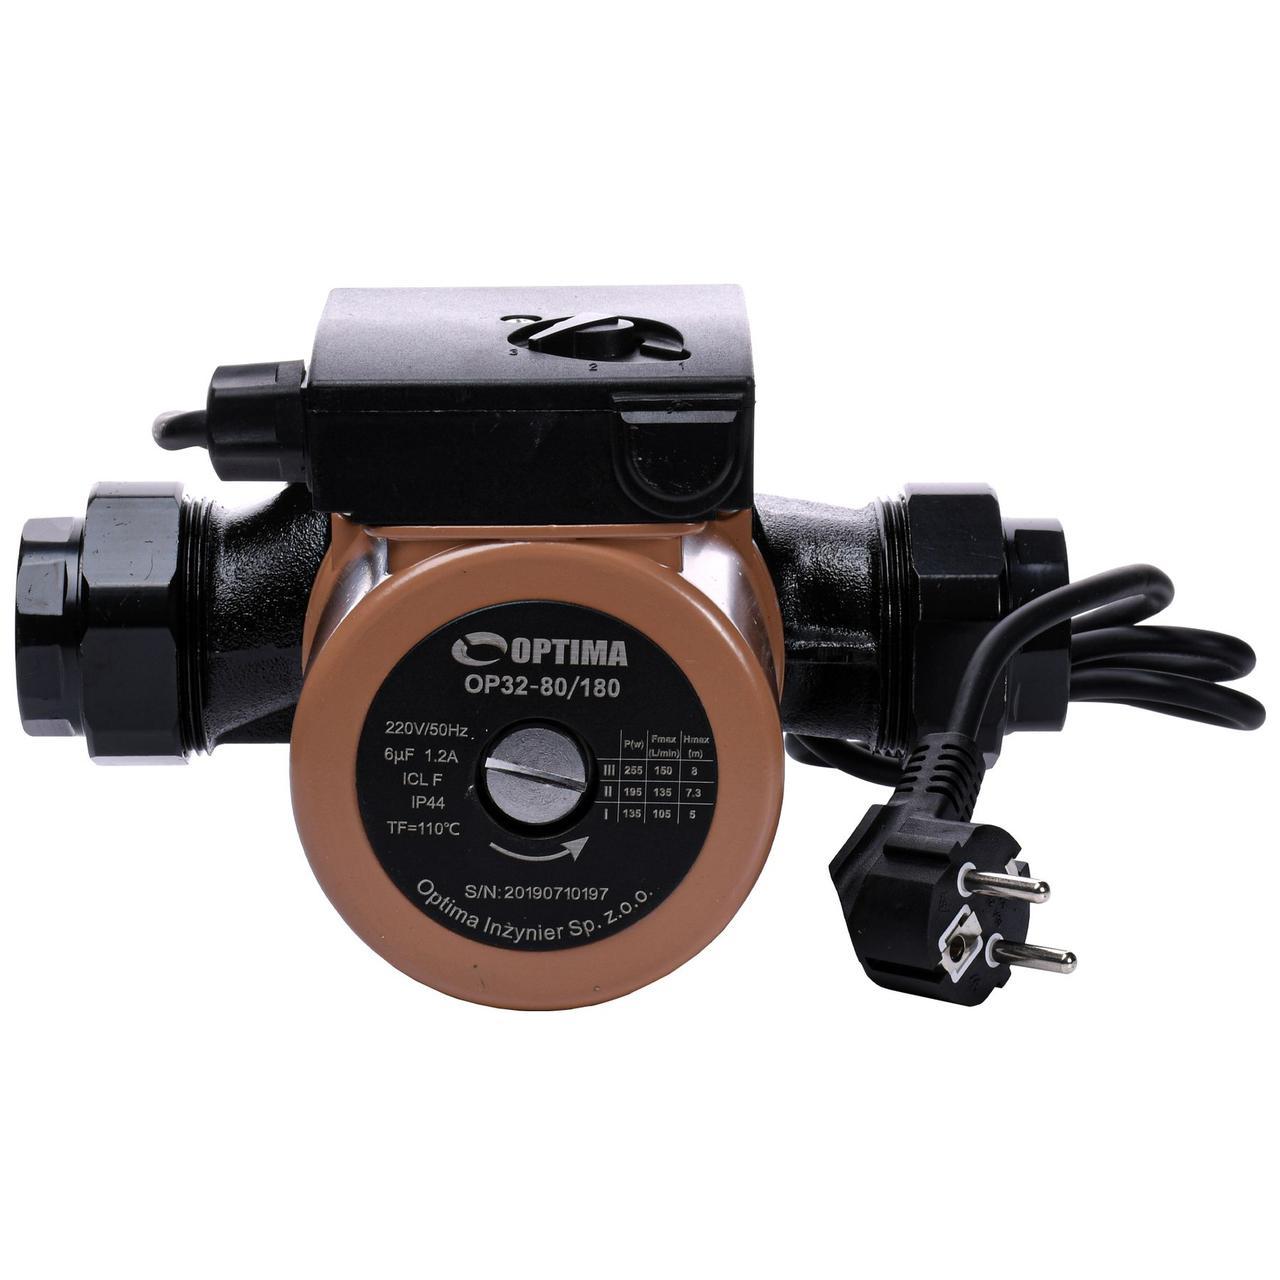 Насос циркуляционный Optima OP32-80 180 мм + гайки + кабель с вилкой